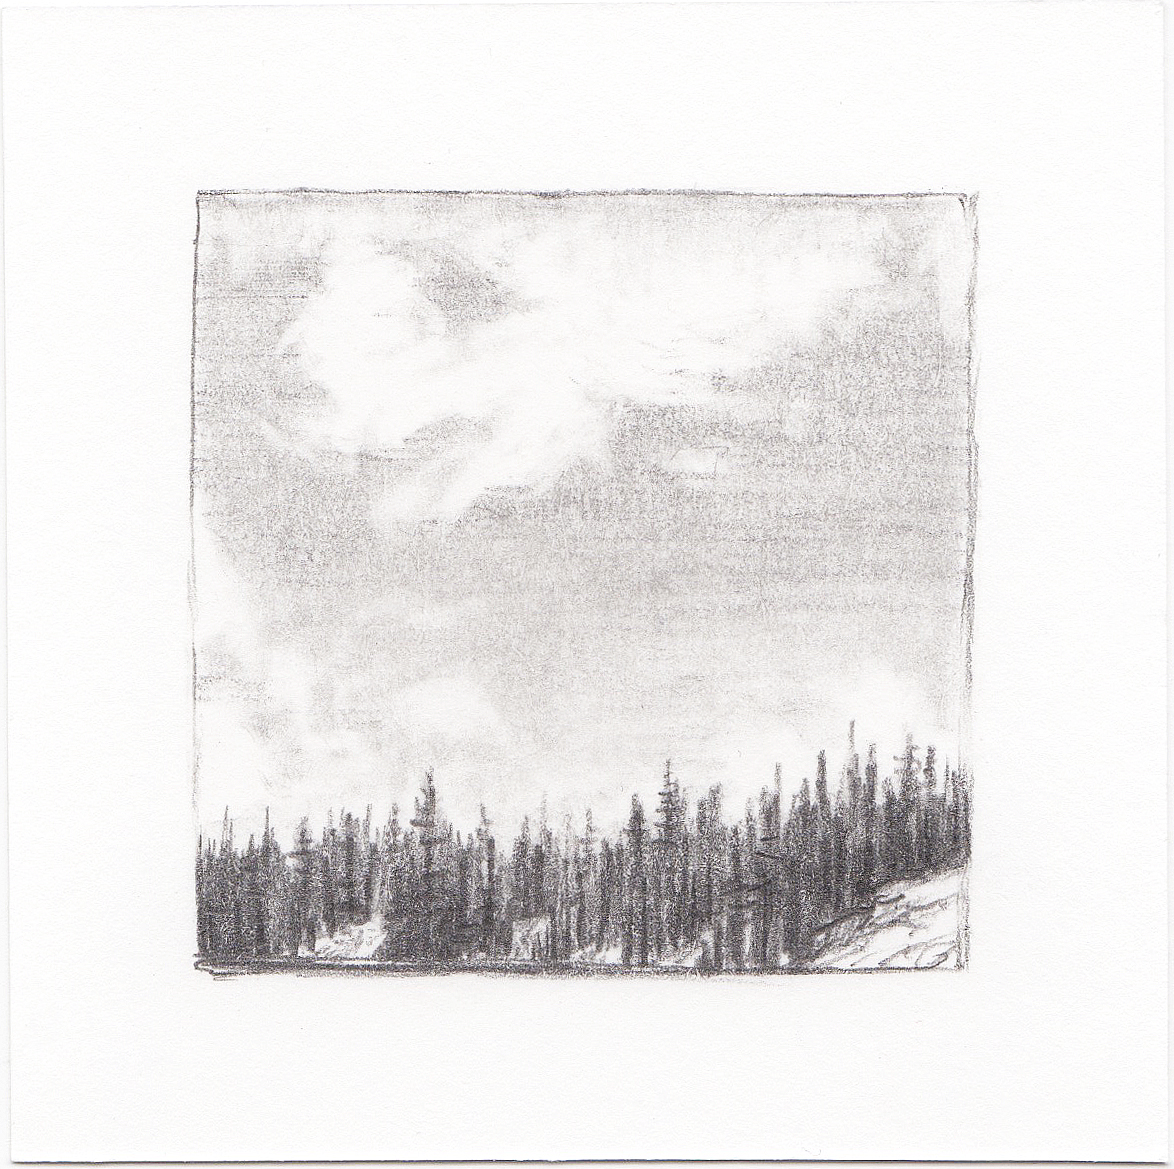 #36 Long Lake, Uinta Mountains, Utah | 3x3 | graphite